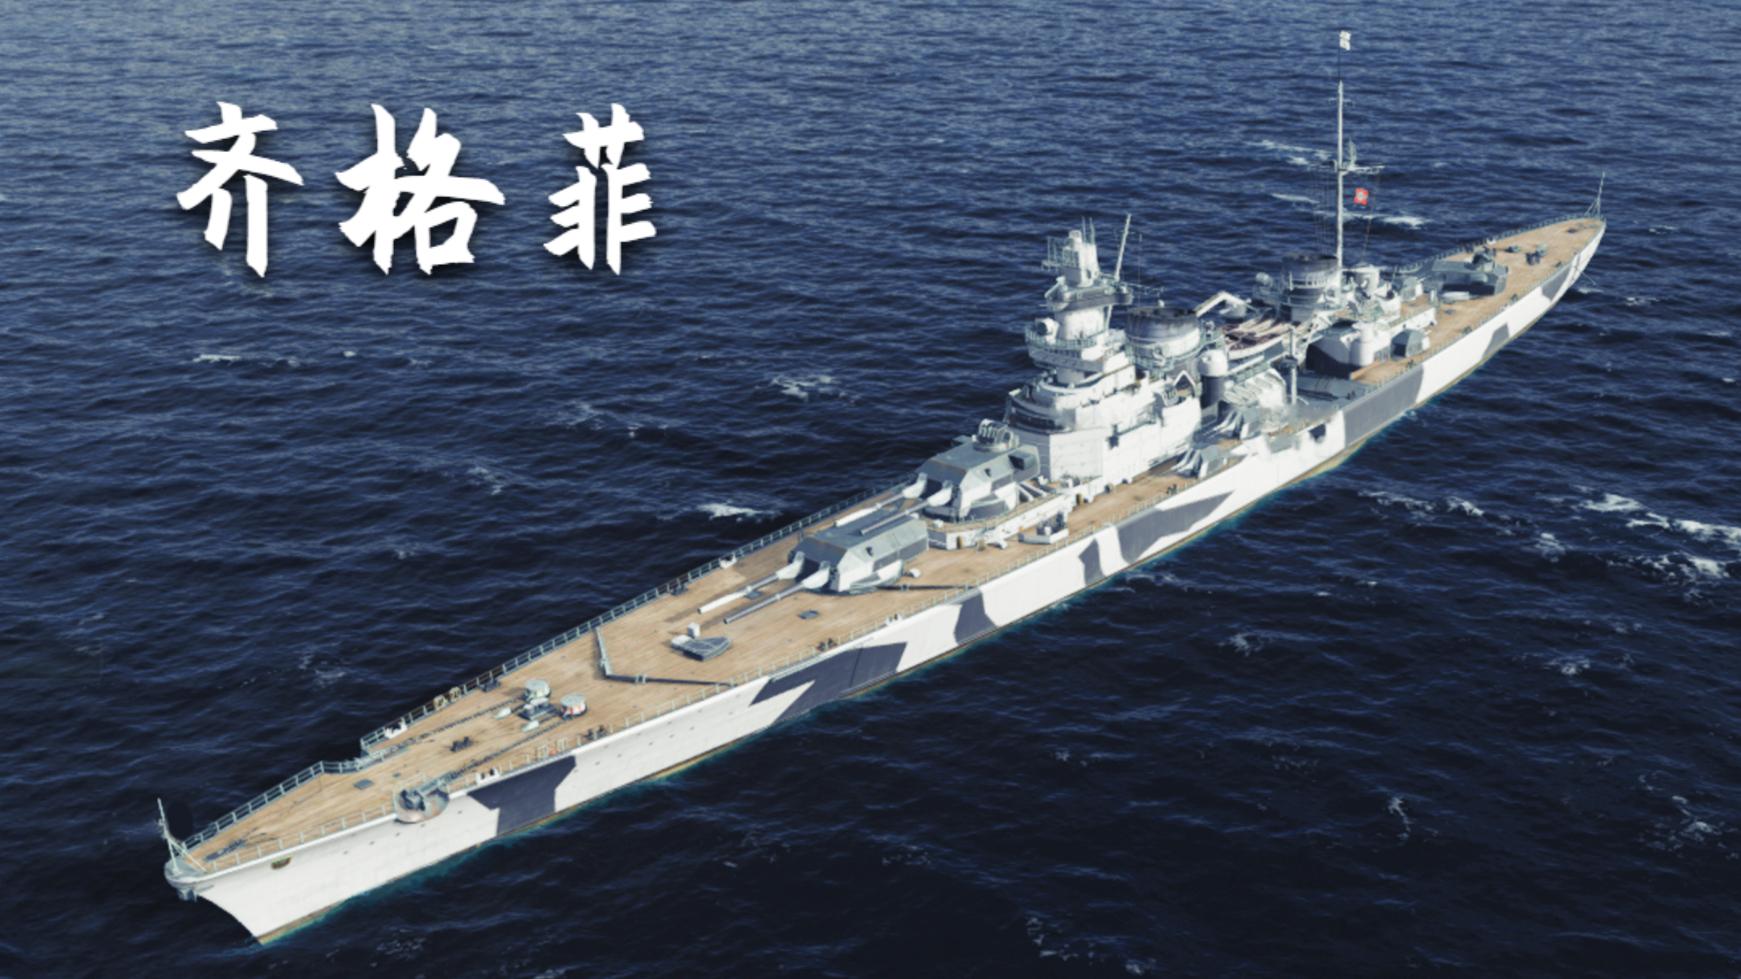 【战舰世界】齐格菲:4杀 - 30万输出(北方群岛)